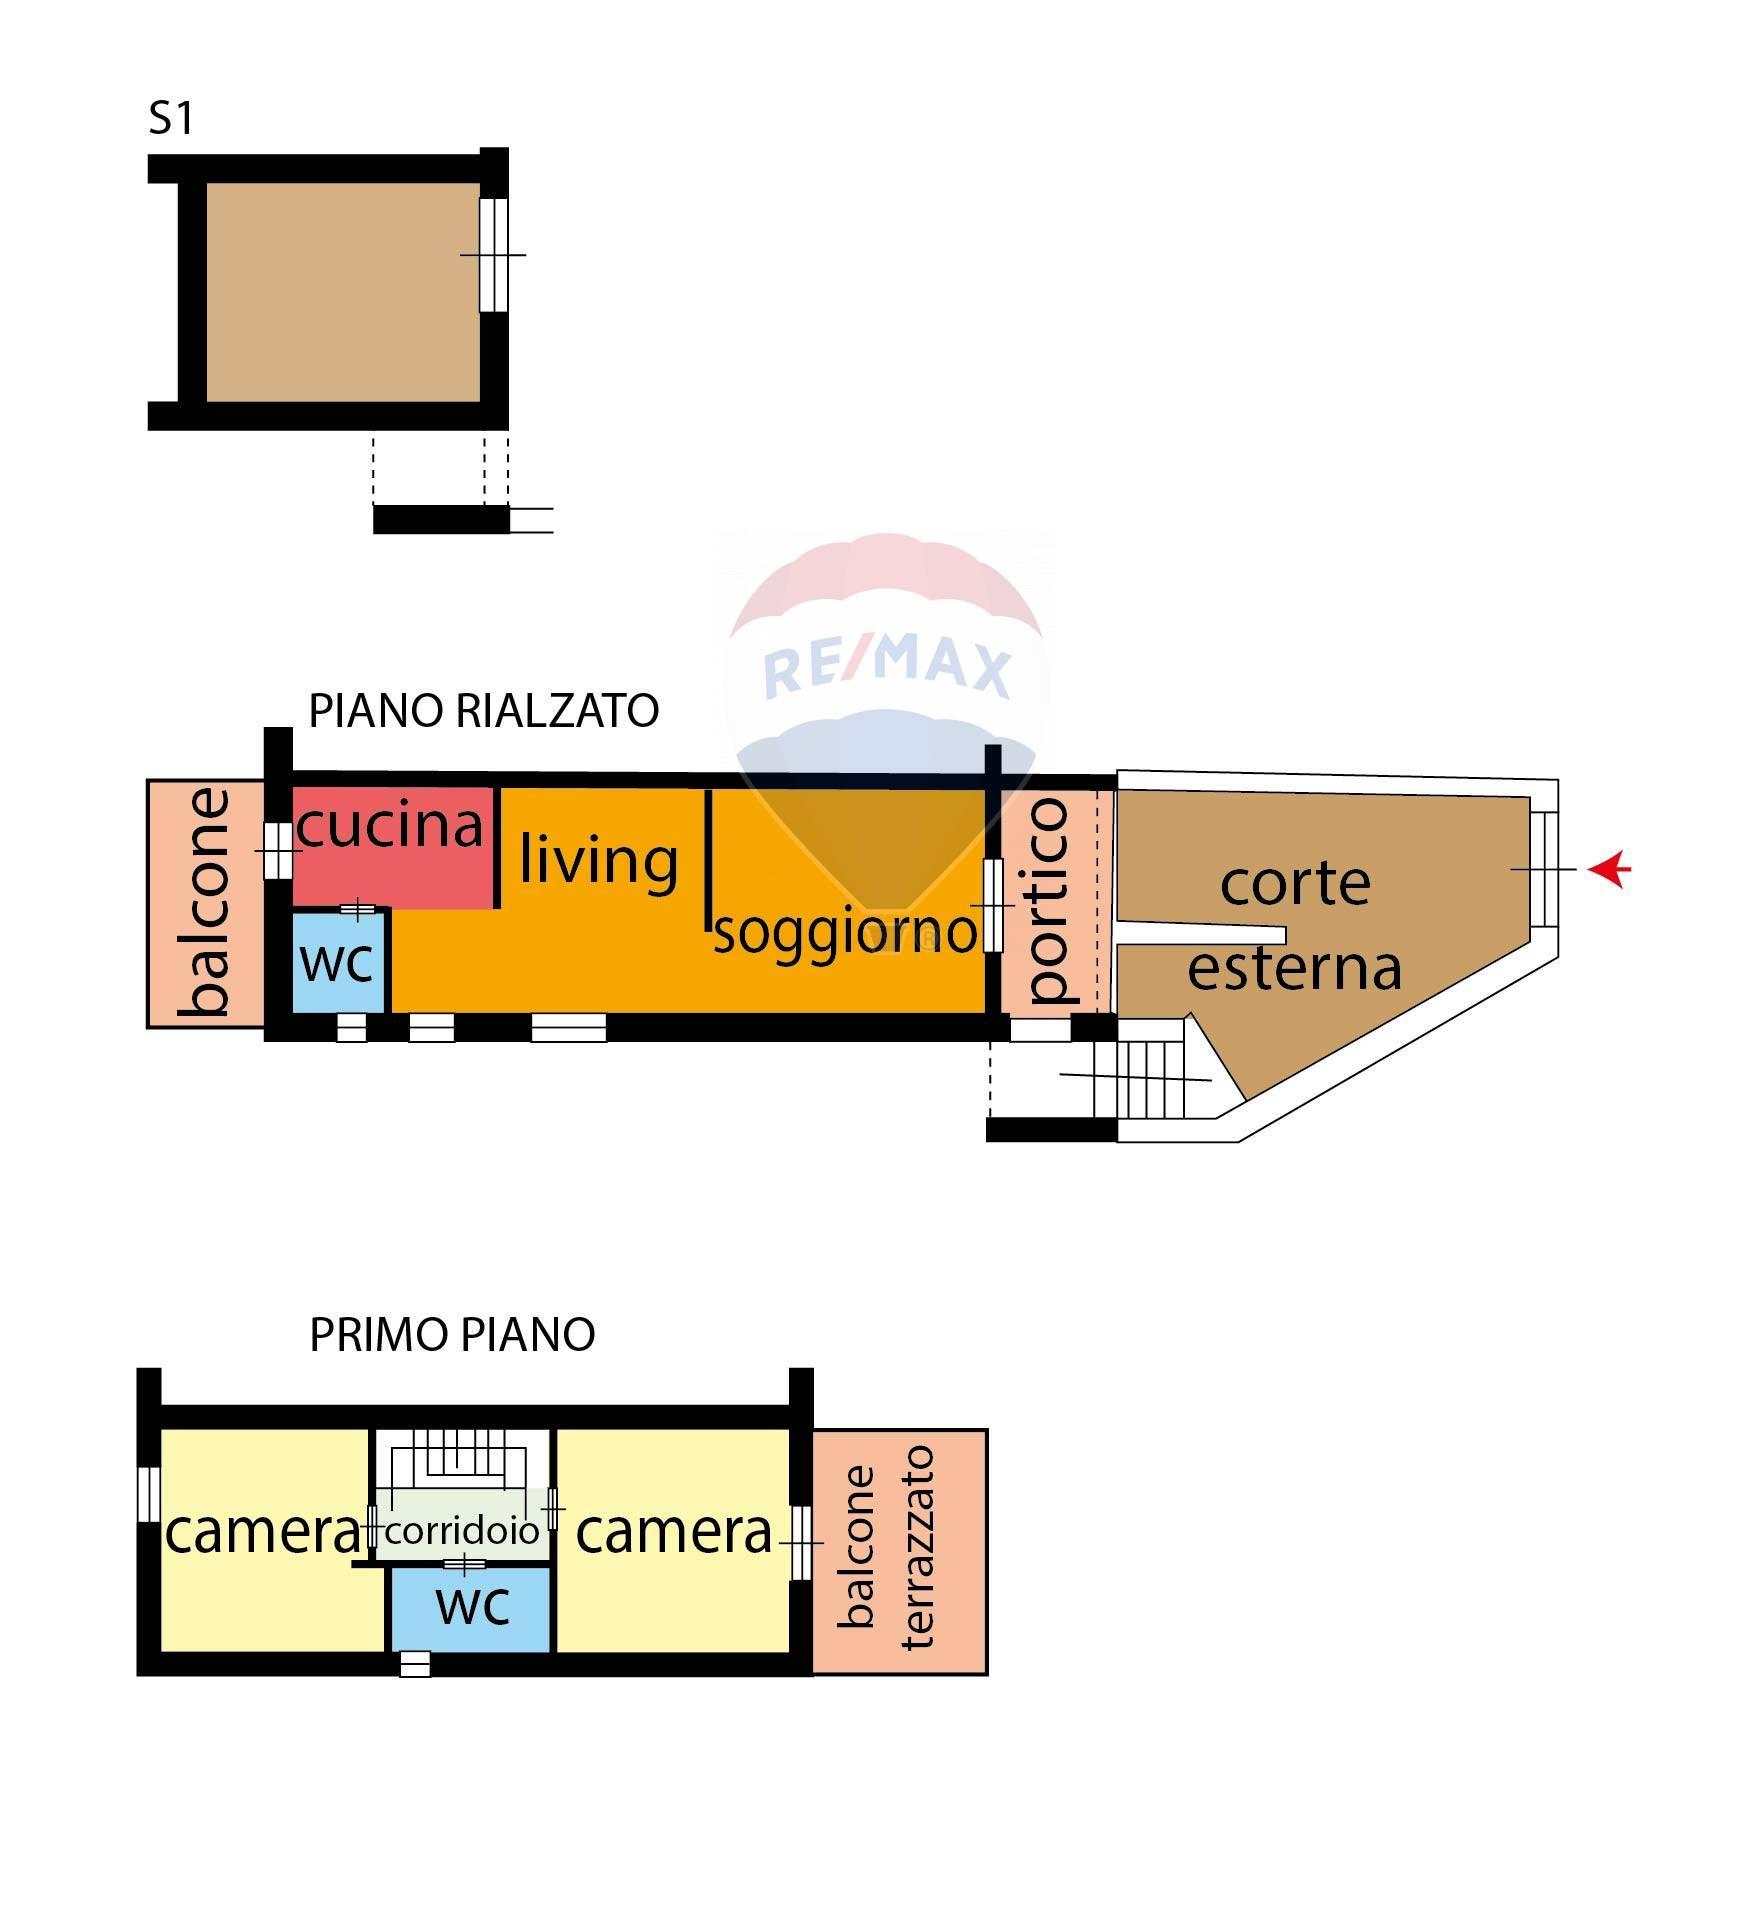 Appartamento in vendita a Ischia, 5 locali, zona Località: IschiaPorto, prezzo € 355.000 | CambioCasa.it